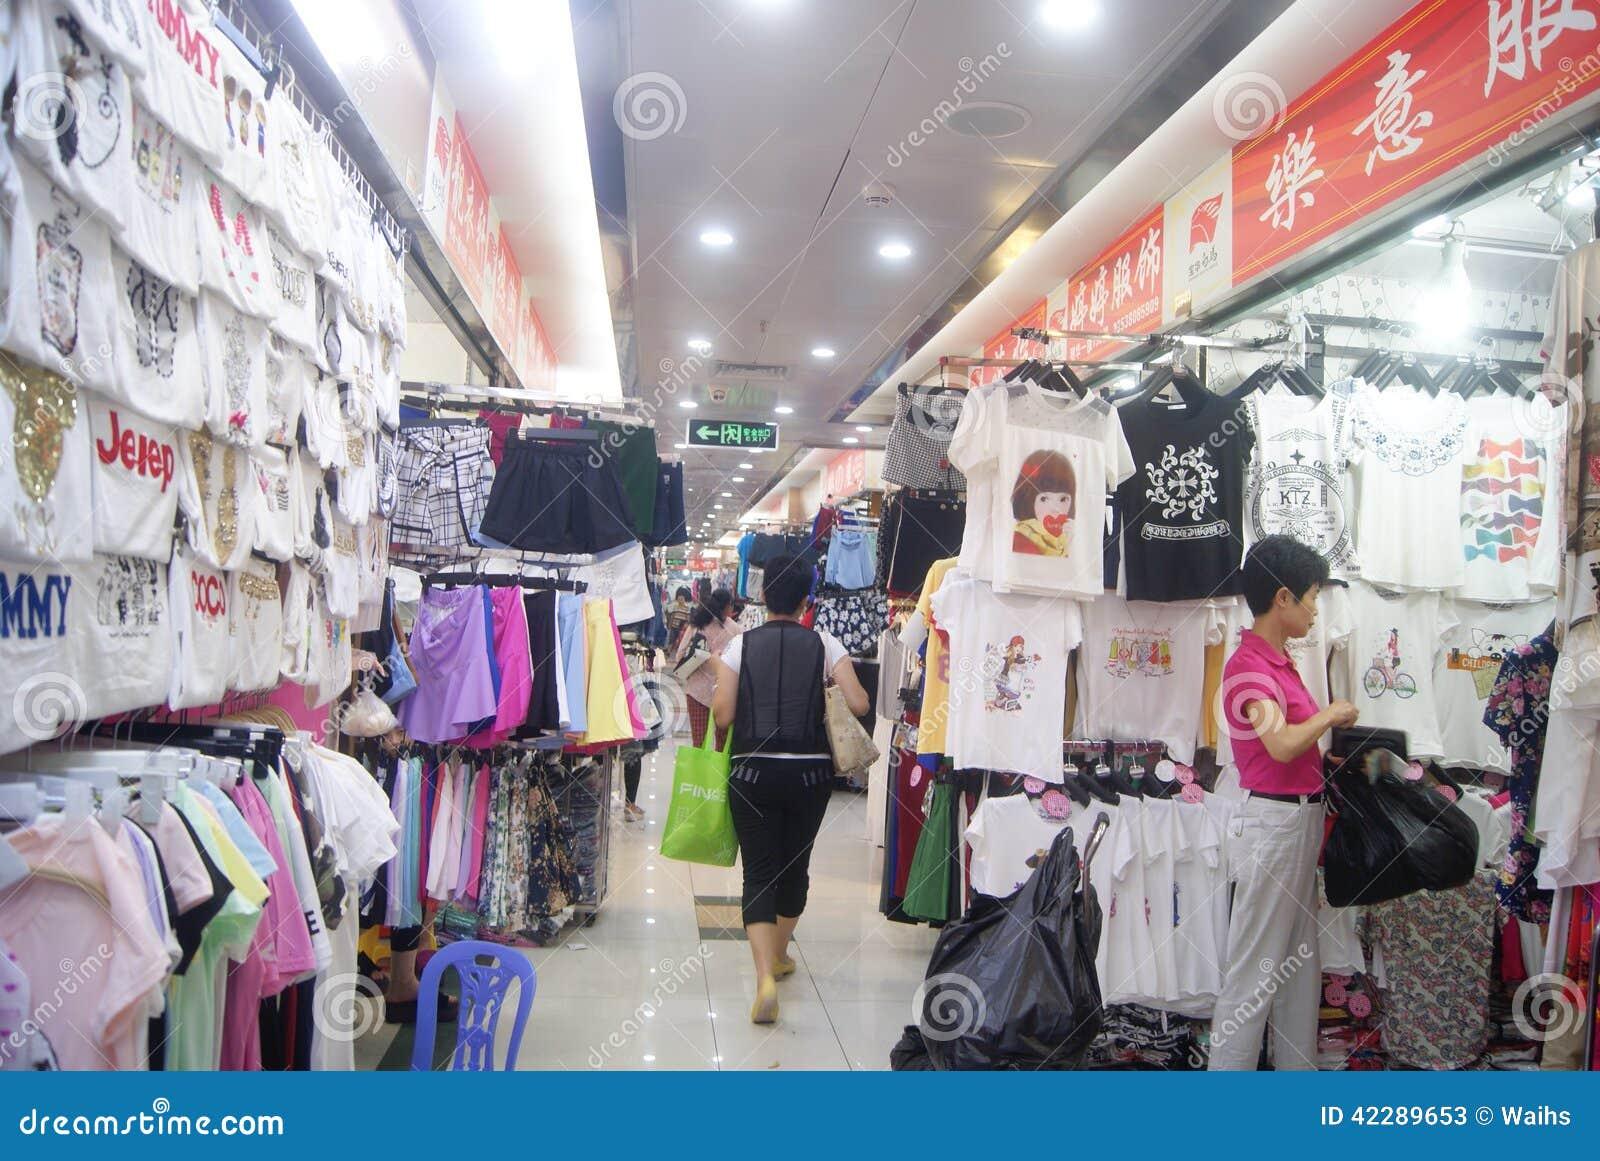 shenzhen china mercado al por mayor de la ropa foto de